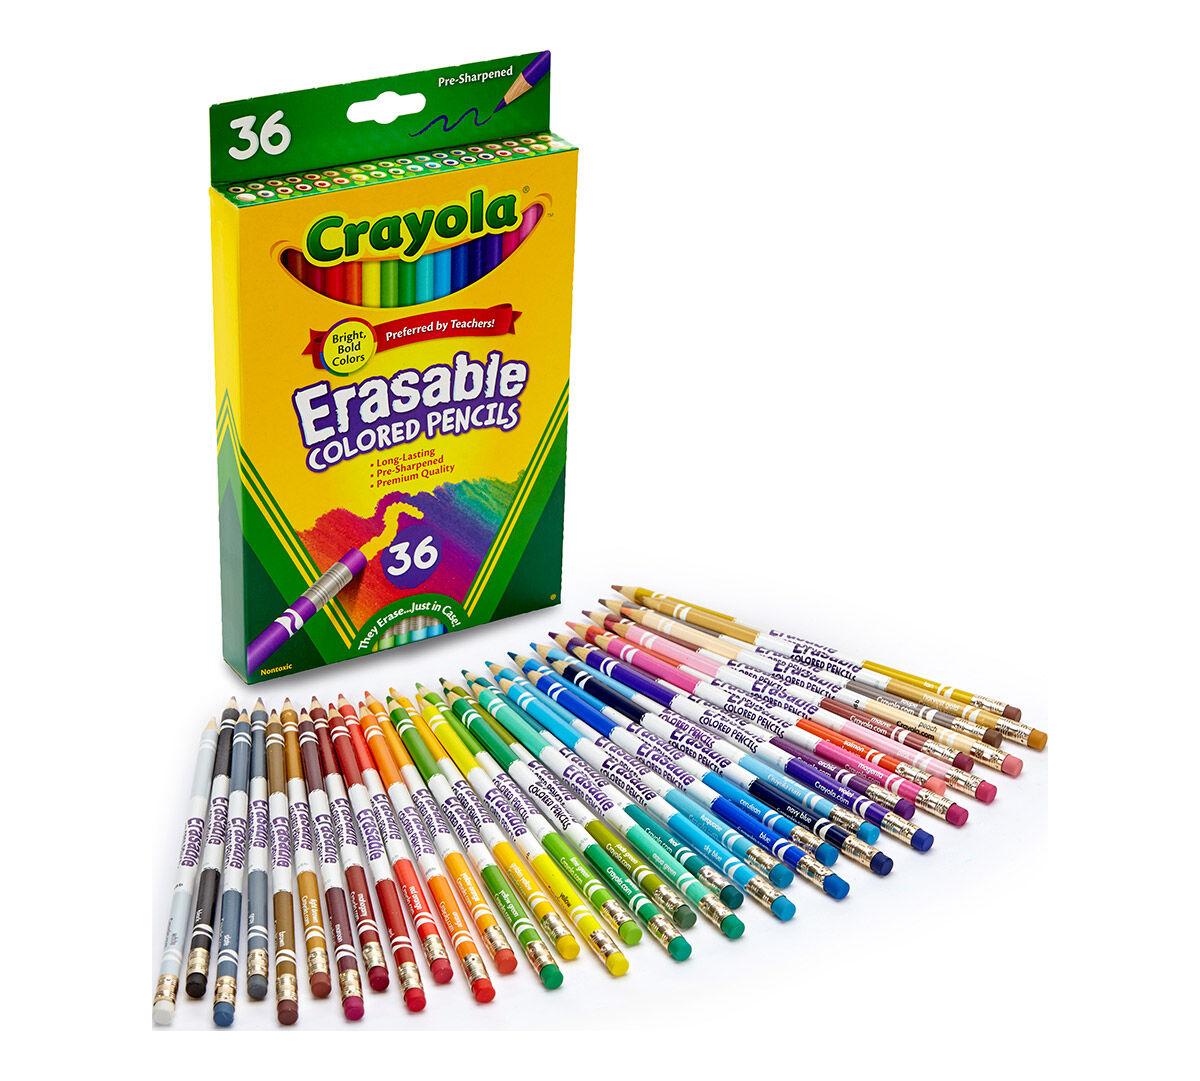 Erasable Colored Pencils, 36ct Coloring Set | Crayola.com | Crayola